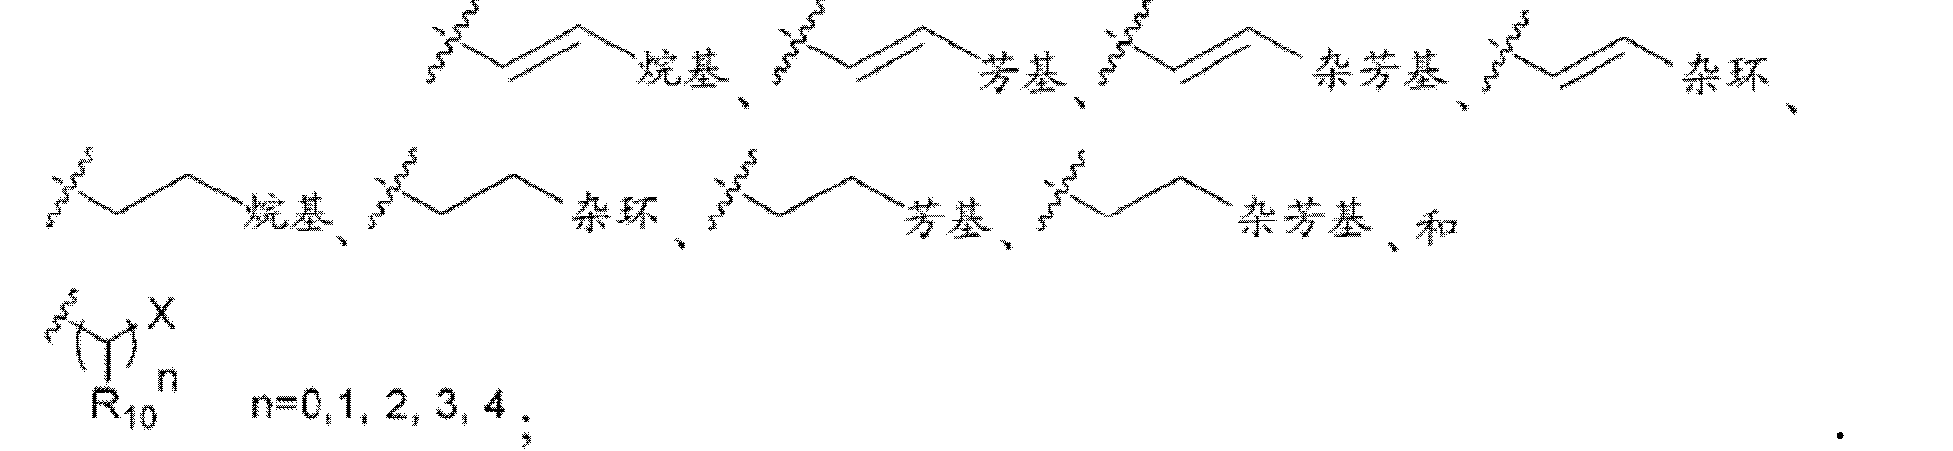 Figure CN102448458BD00282